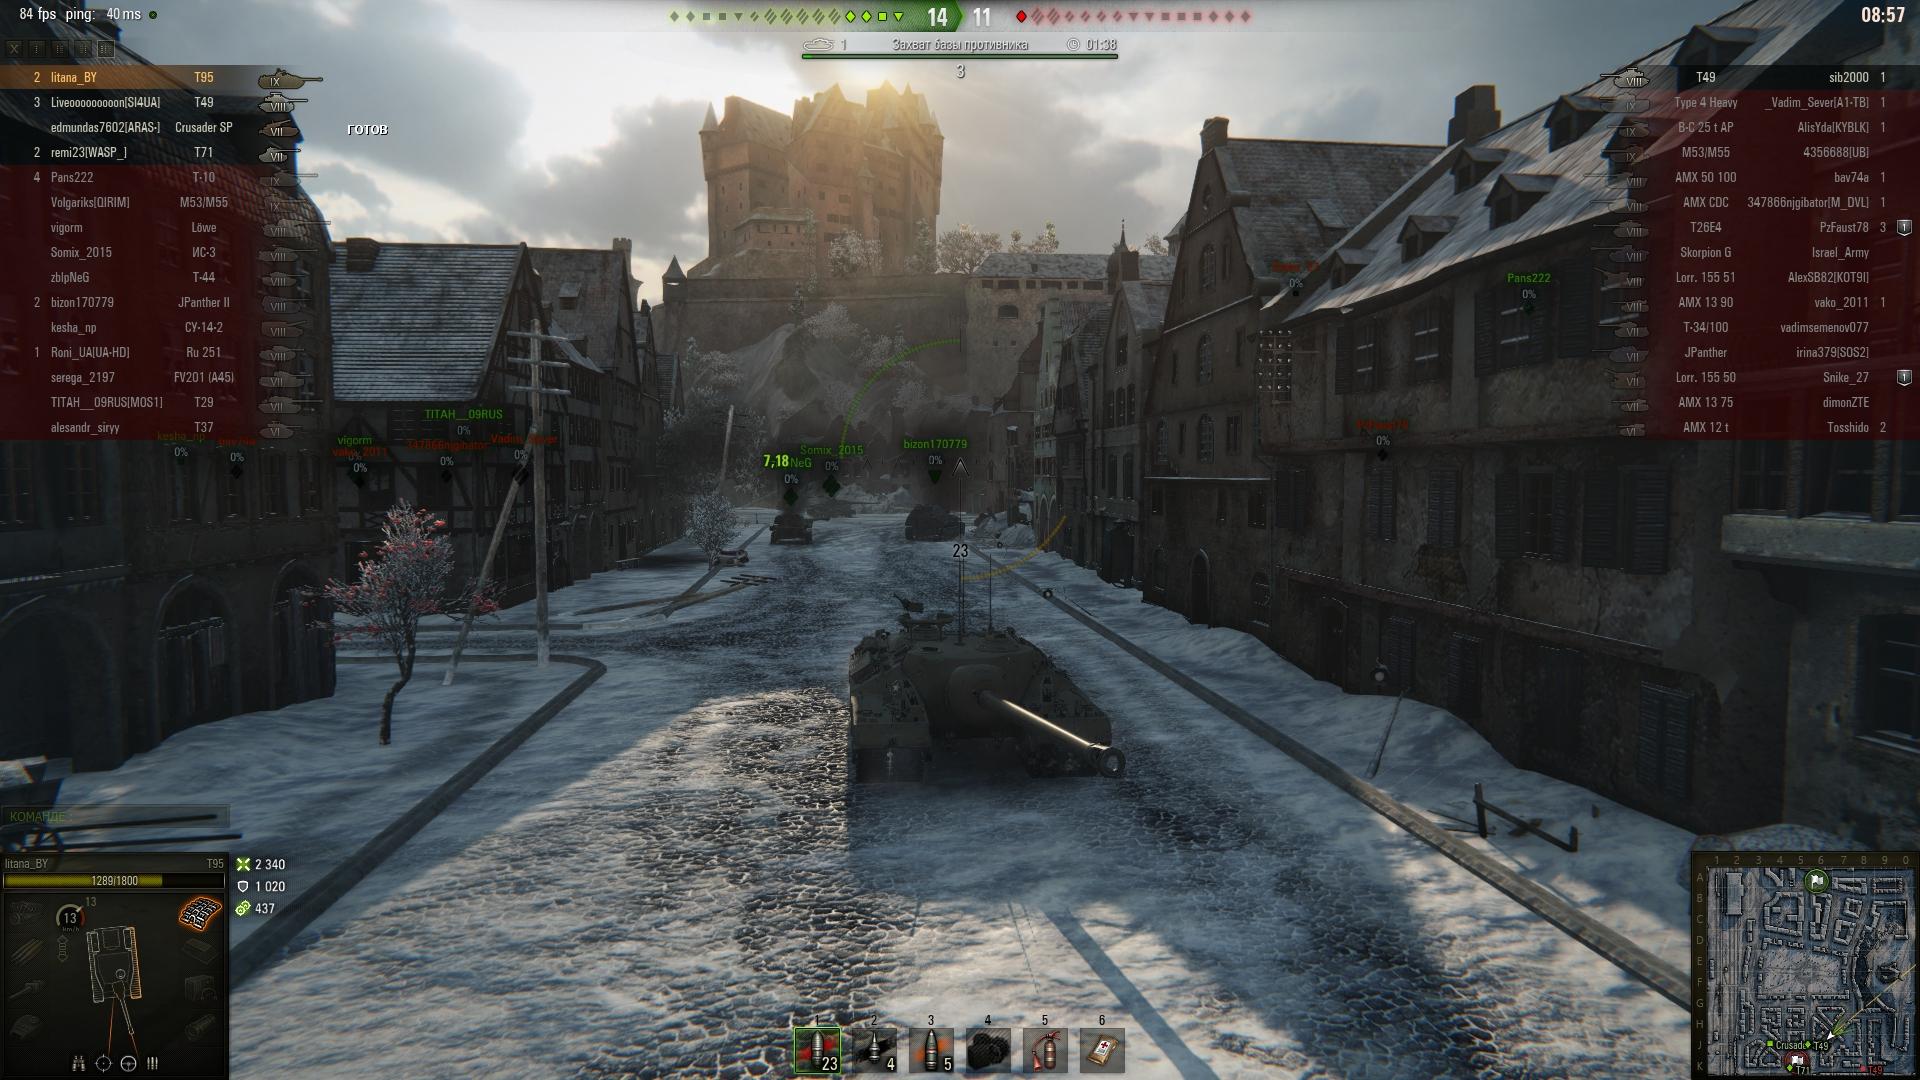 shot_003.jpg - World of Tanks